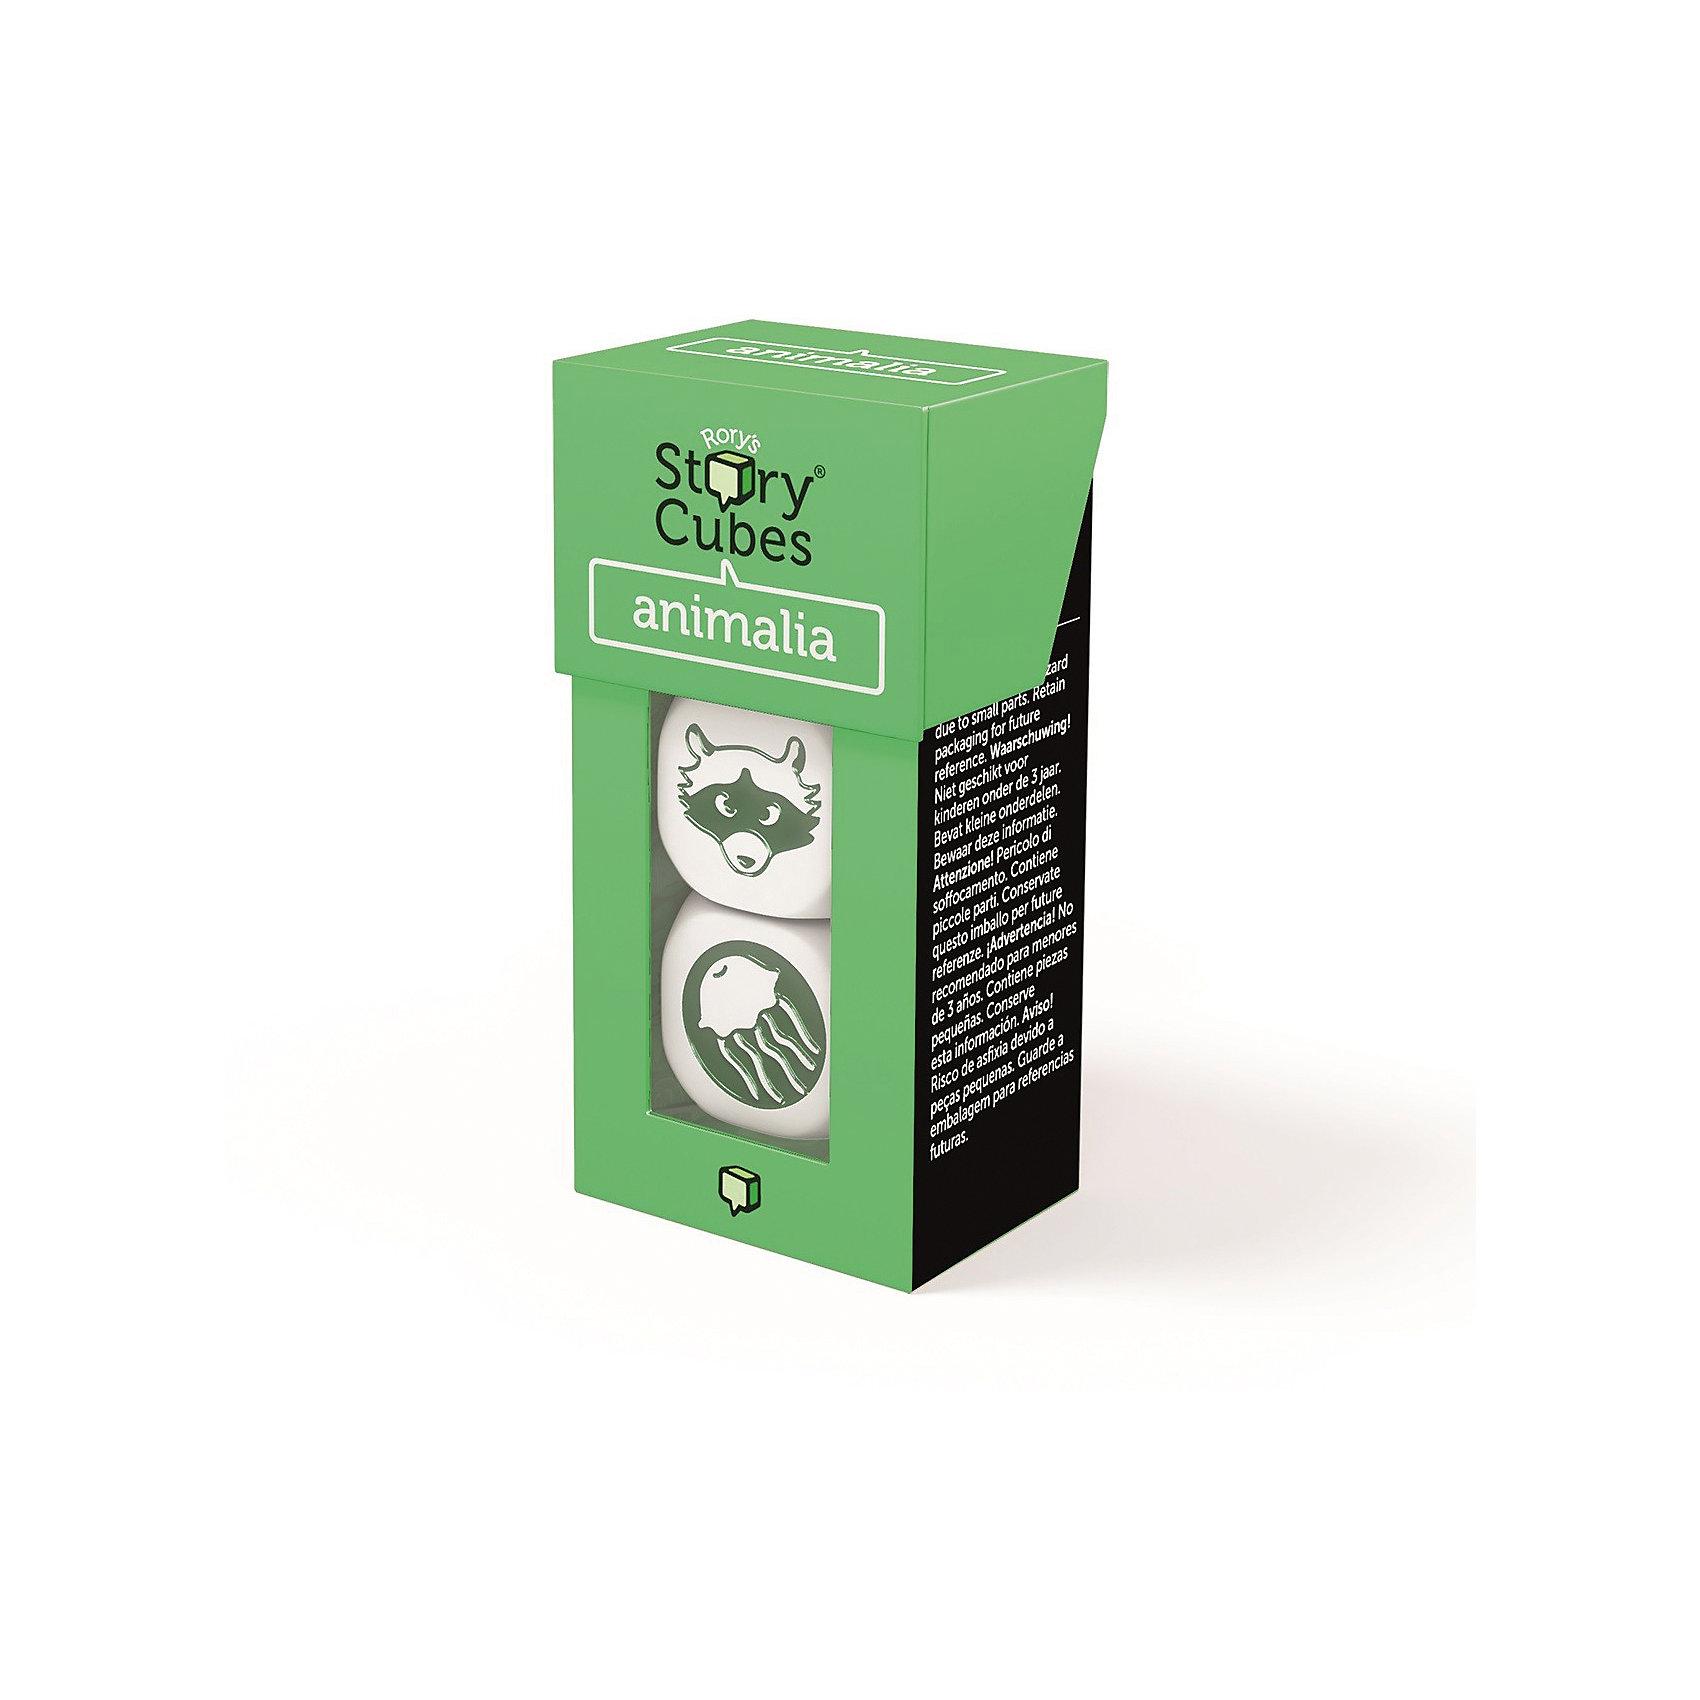 Настольная Игра Кубики Историй, доп. Набор Животные (3 кубика)Игры в дорогу<br>Характеристики:<br><br>• возраст: от 6 лет;<br>• сложность игры: средний уровень;<br>• материал: картон, пластик;<br>• количество игроков: 2-6;<br>• время игры: 30 мин.;<br>• вес упаковки: 40 г.;<br>• тип упаковки: цветная картонная коробка;<br>• размер упаковки: 3х3,5х7 см.<br>  <br>Дополнительные кубики с картинками на тему «Животные» сделают рассказывание историй еще более интересным.<br><br>3 кубика набора «Животные» нужно добавить в основной набор Кубиков Историй, убрав при этом 3 других кубика. Либо, можно собрать свой собственный набор из 9 кубиков, состоящий из 3 мини-наборов.<br><br>Кубики Историй помогают развитию речи, учат формулировать мысли и продумывать структуру рассказа.        <br> <br> В комплекте: <br>• 3 кубика;<br>• картонная коробочка-контейнер.      <br><br>Настольную игру «Кубики Историй. Дополнительный набор «Животные» (3 кубика)» можно приобрести в нашем интернет-магазине.<br><br>Ширина мм: 35<br>Глубина мм: 30<br>Высота мм: 75<br>Вес г: 50<br>Возраст от месяцев: 36<br>Возраст до месяцев: 2147483647<br>Пол: Унисекс<br>Возраст: Детский<br>SKU: 7029015